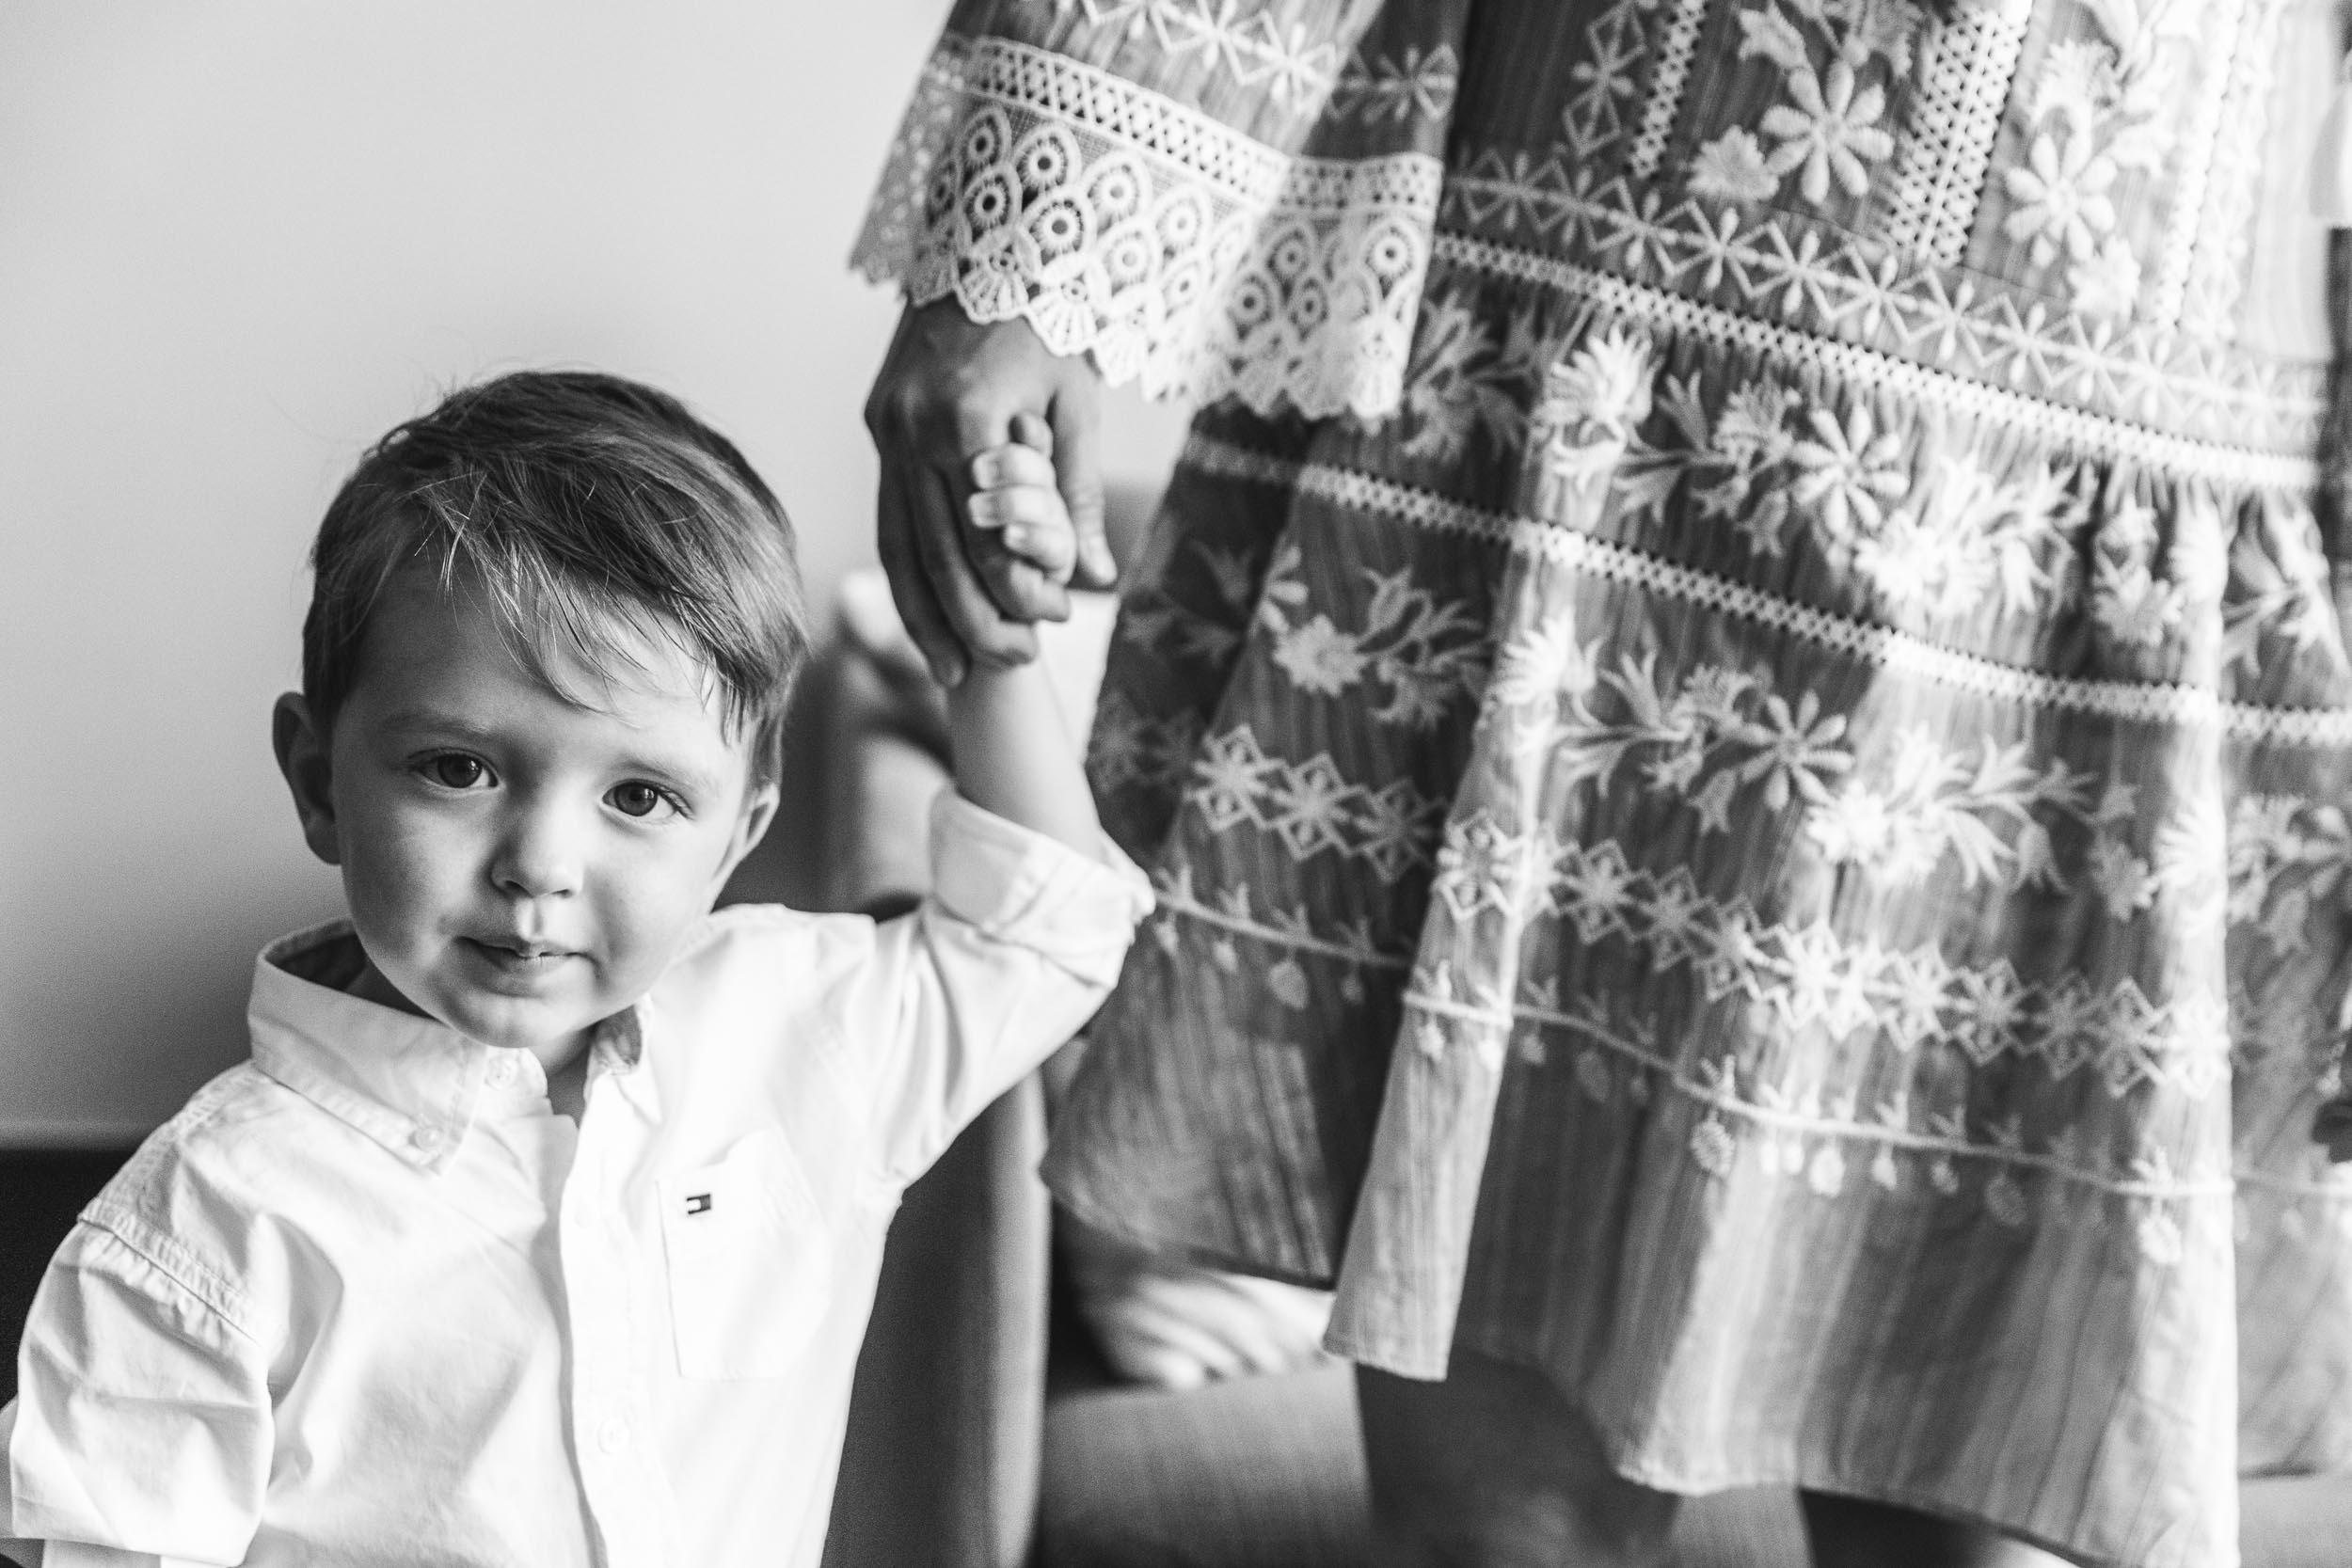 Dumbo_newborn_baby_lifestyle_photographer (6 of 19).jpg